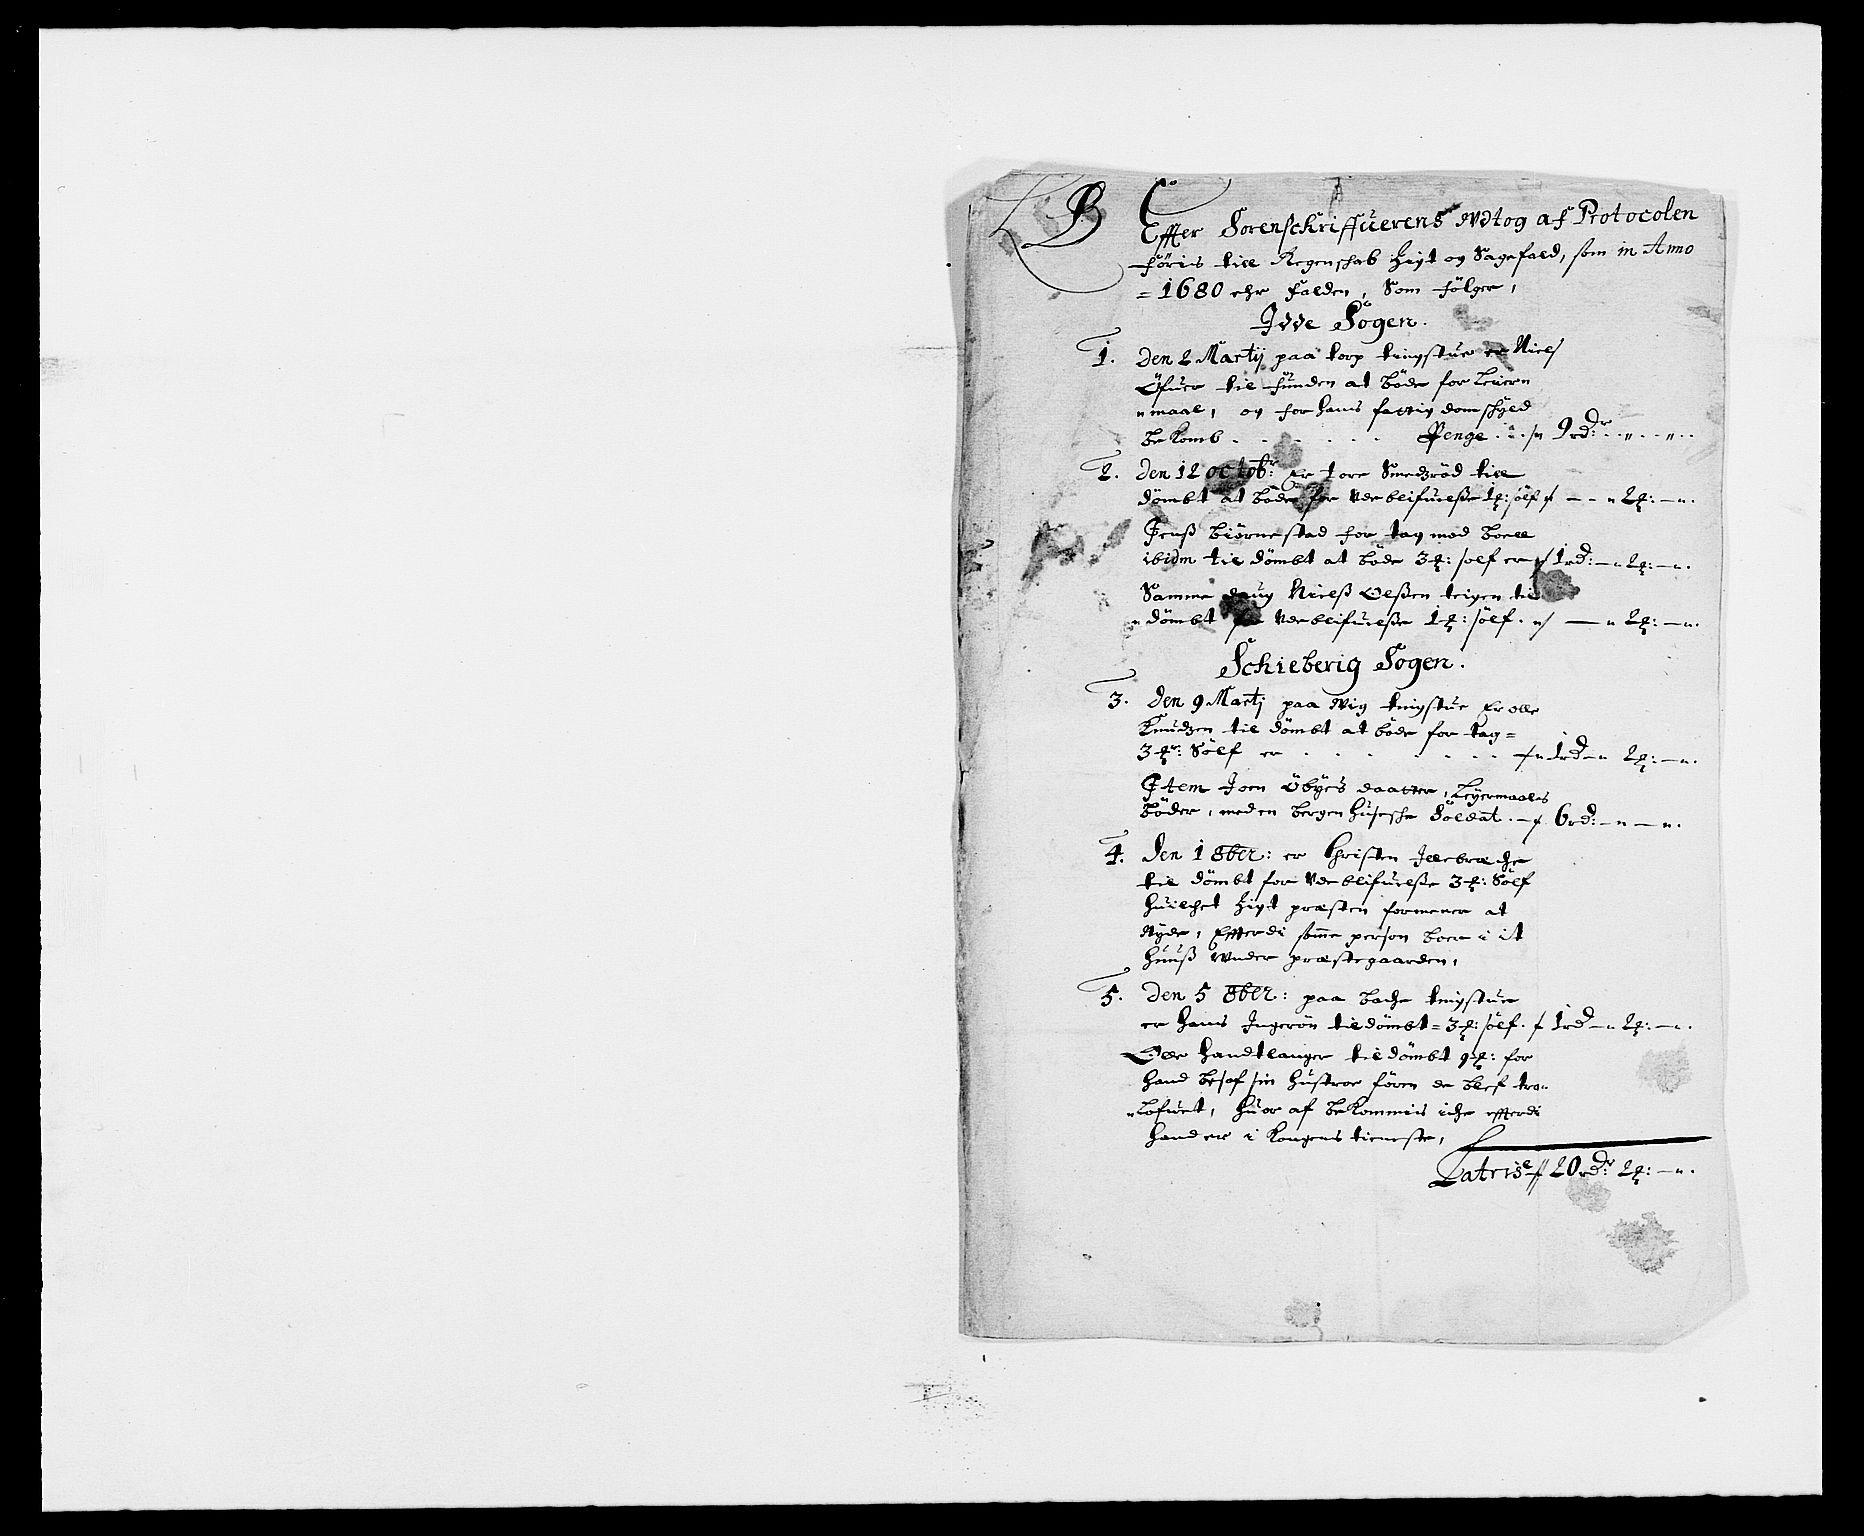 RA, Rentekammeret inntil 1814, Reviderte regnskaper, Fogderegnskap, R01/L0002: Fogderegnskap Idd og Marker, 1680-1681, s. 104